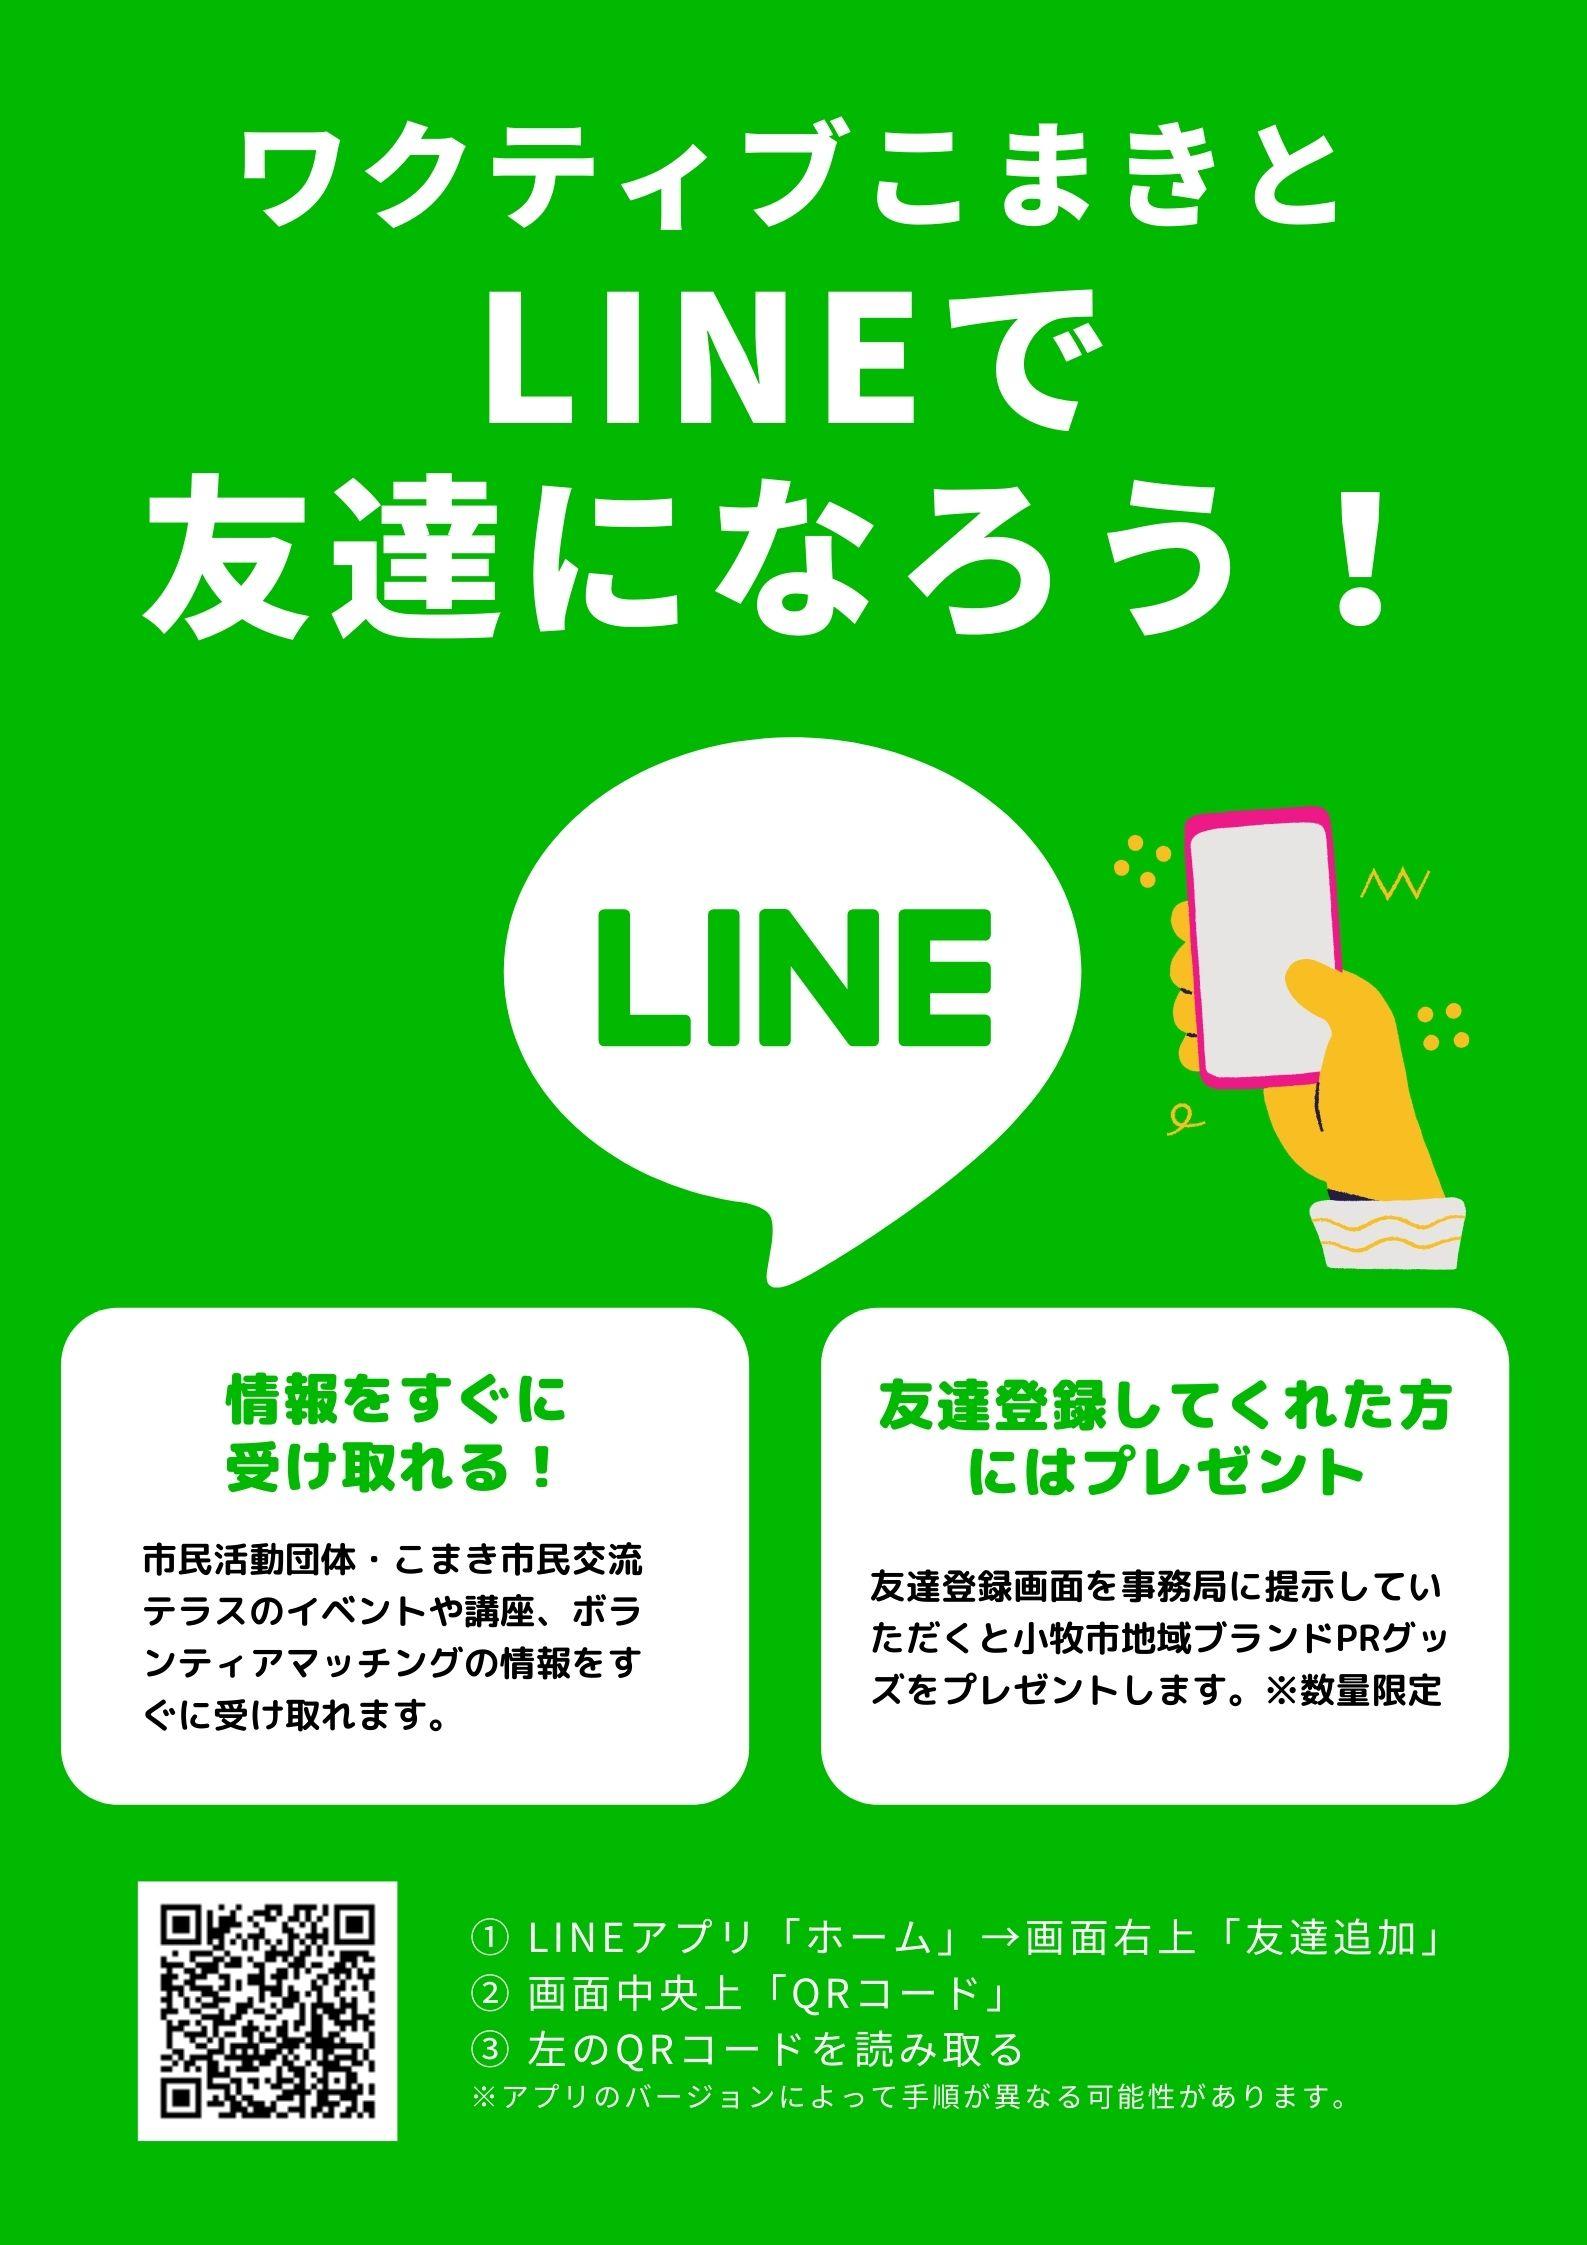 LINEで友達になろう